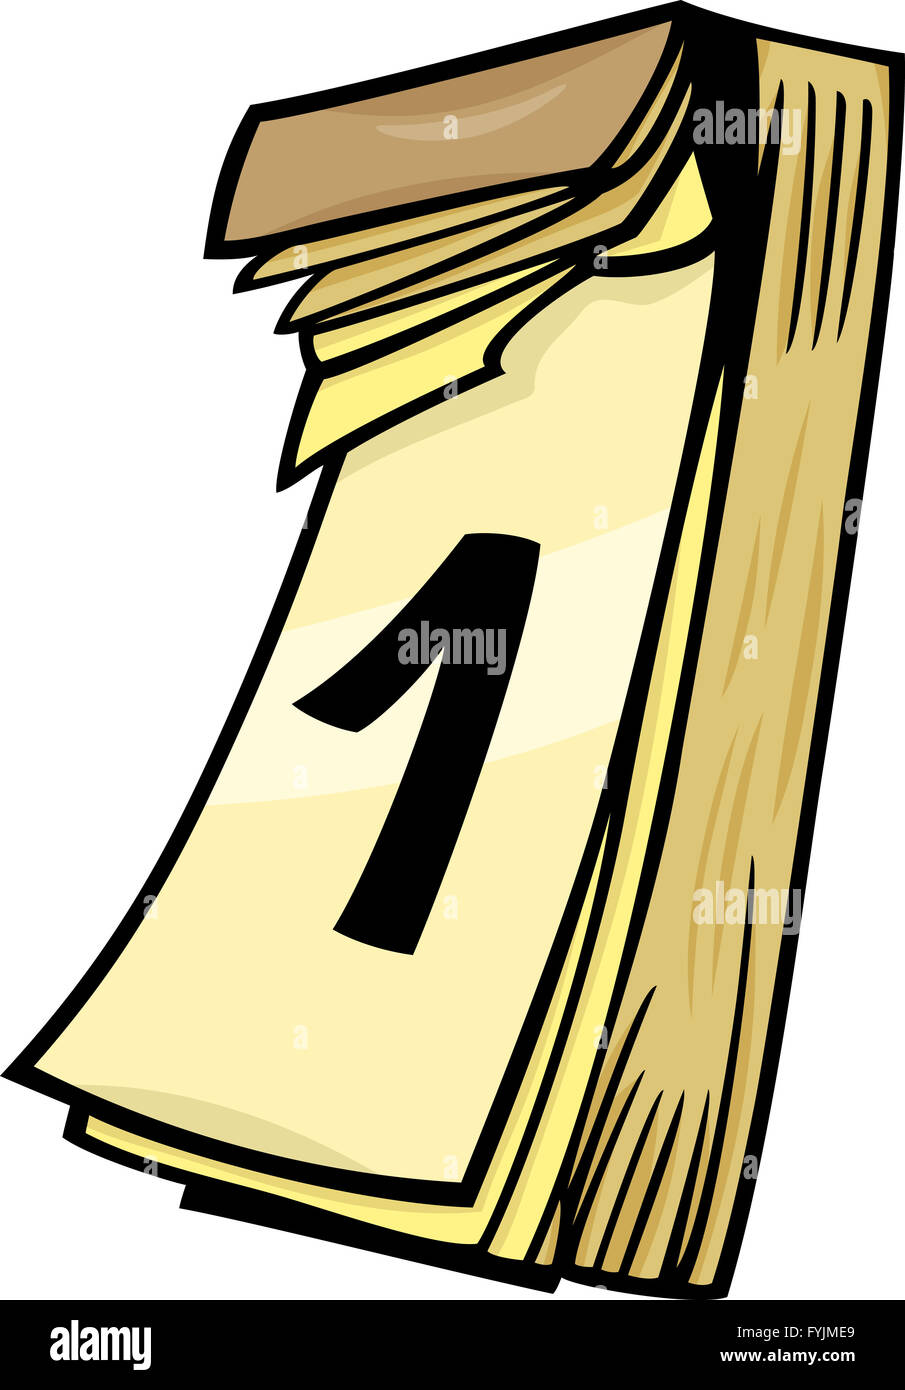 1st on wall calendar cartoon clip art Stock Photo: 103058769 - Alamy